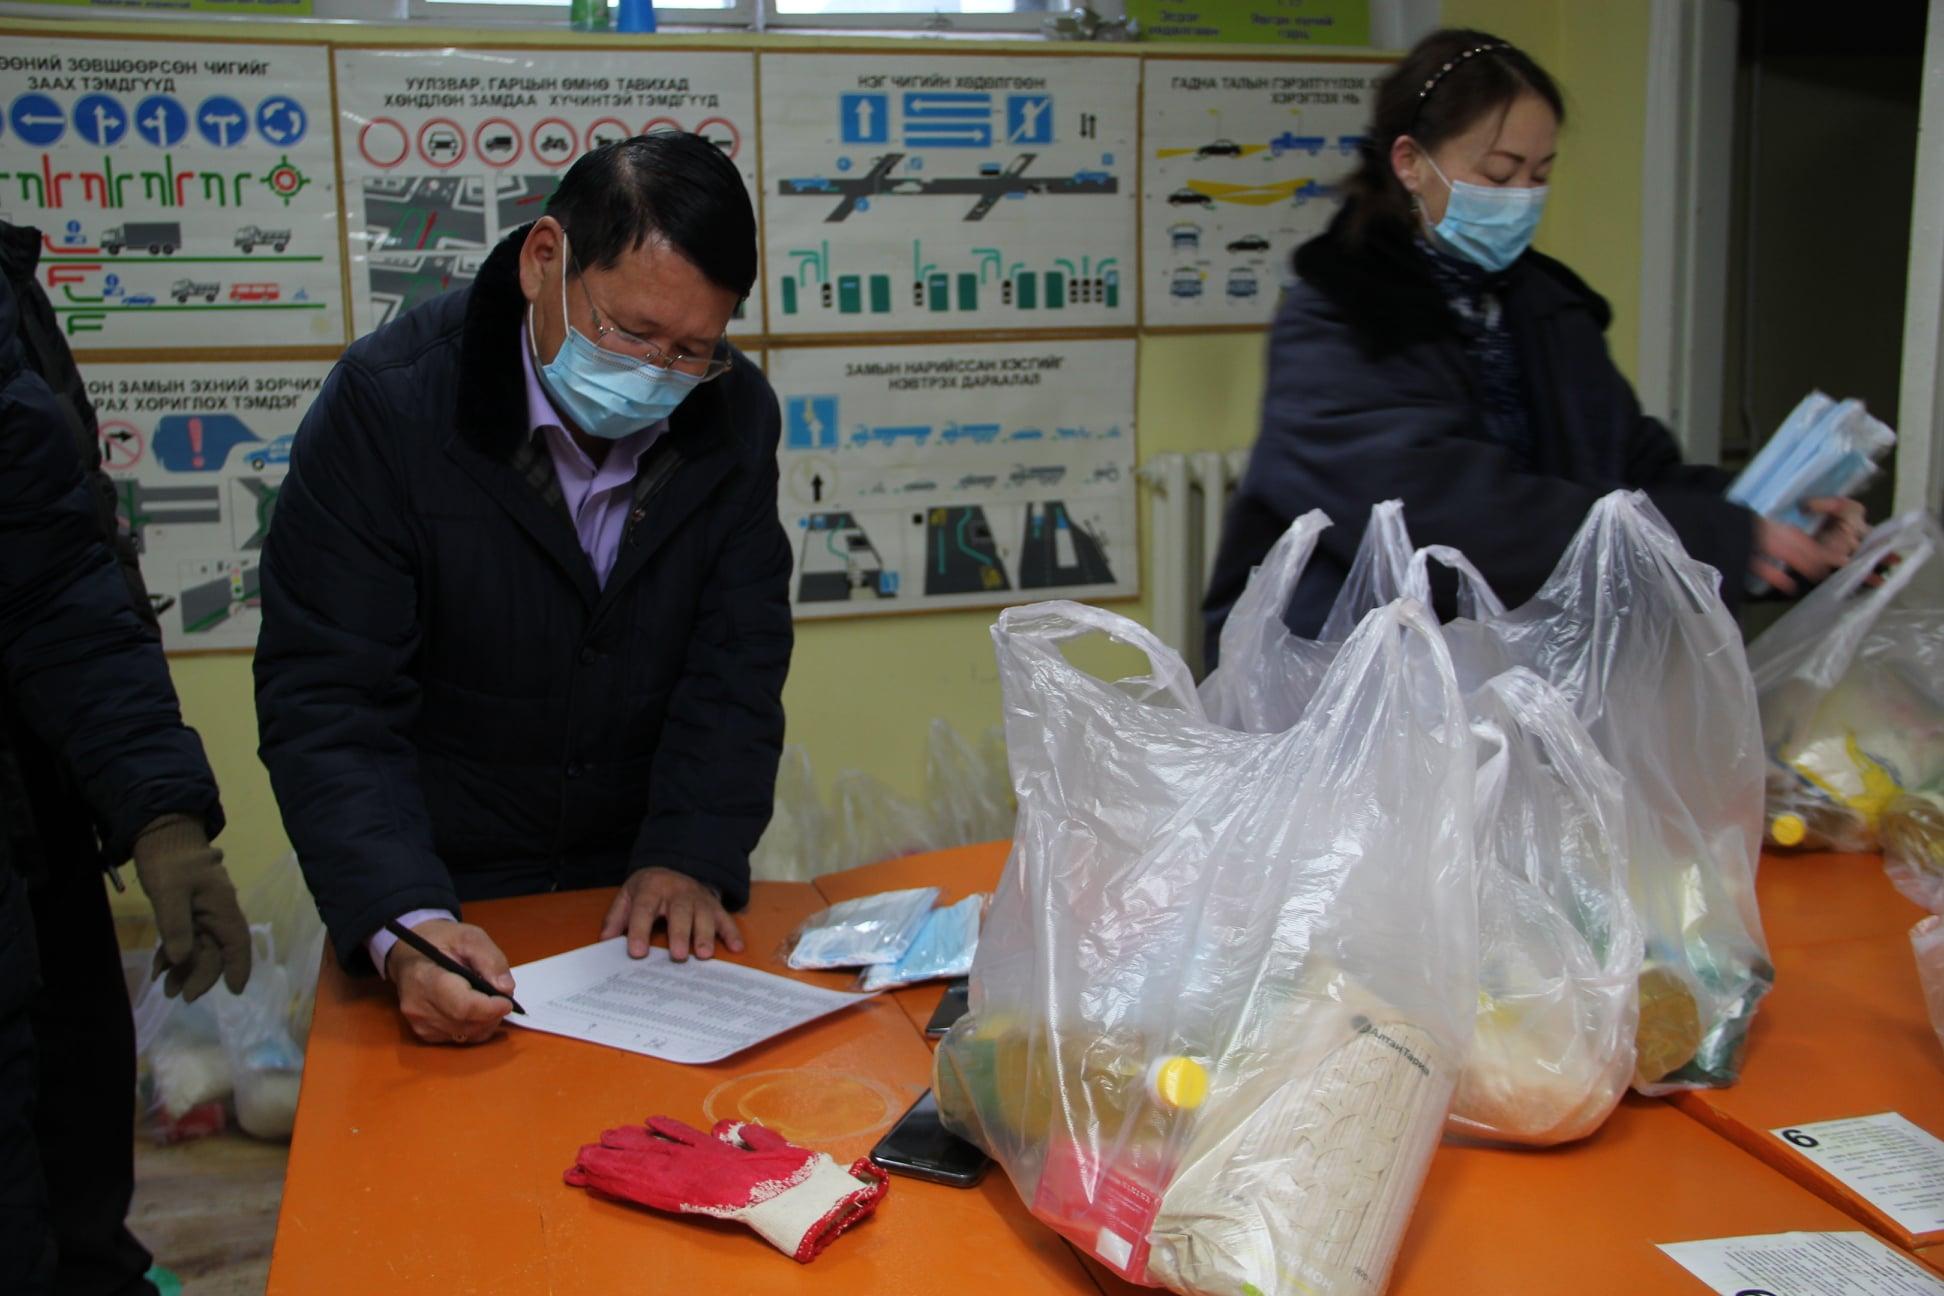 """""""Ардын нам – Ард түмэнтэйгээ"""" аяны хүрээнд 700 өрхөд хүнс, нүүрсний тусламжийг хүргэж байна"""